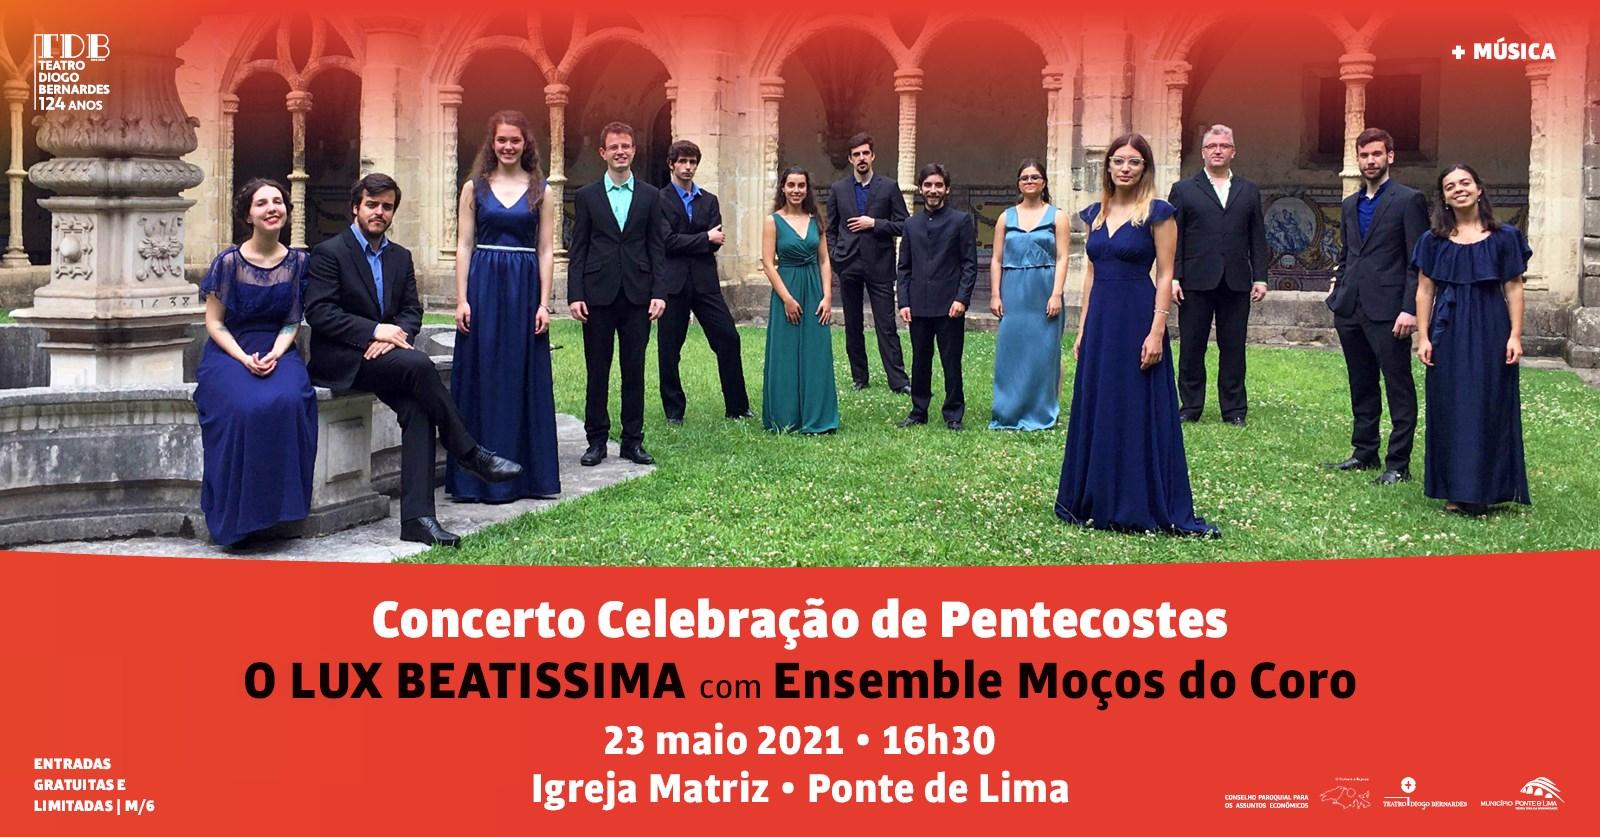 Concerto Celebração de Pentecostes - O LUX BEATISSIMA com Ensemble Moços do Coro | Igreja Matriz